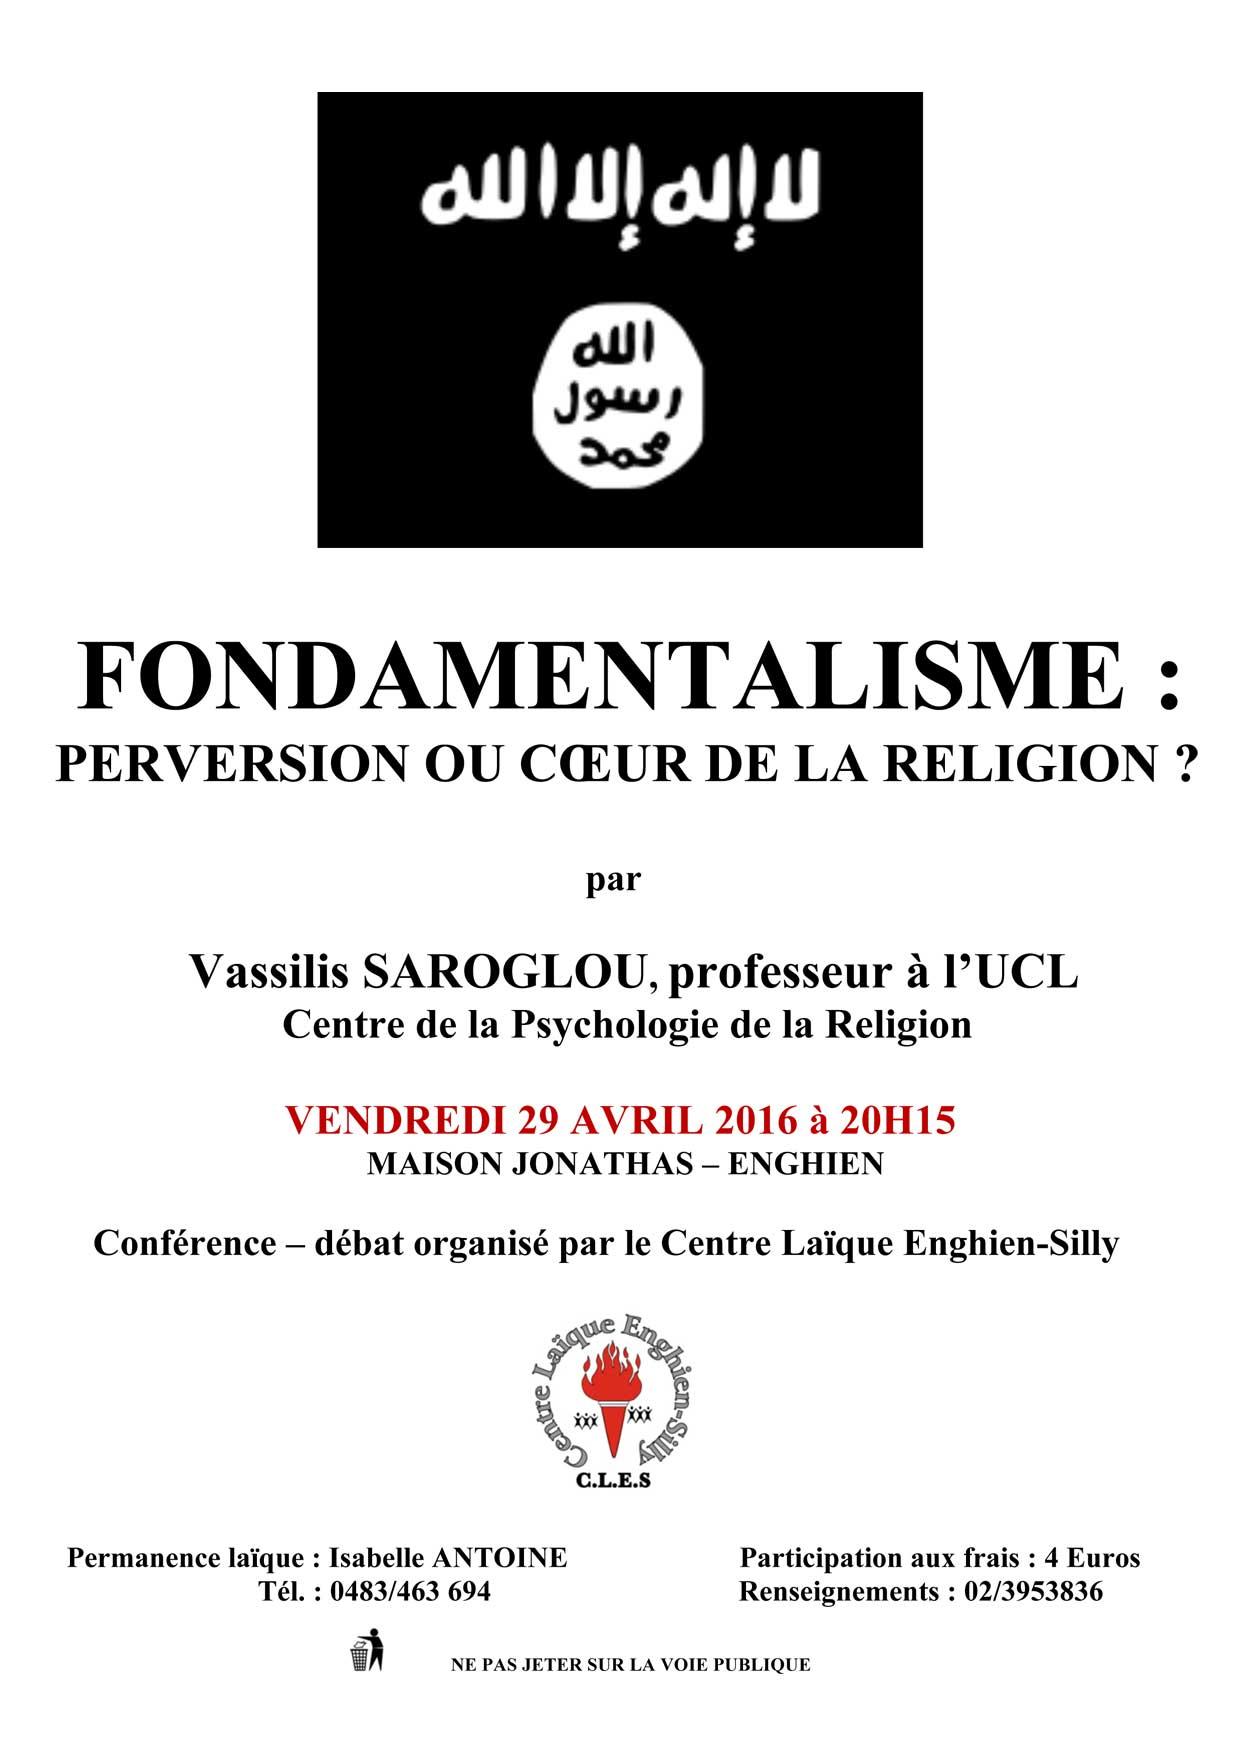 Affiche 2016 - Fondamentalisme